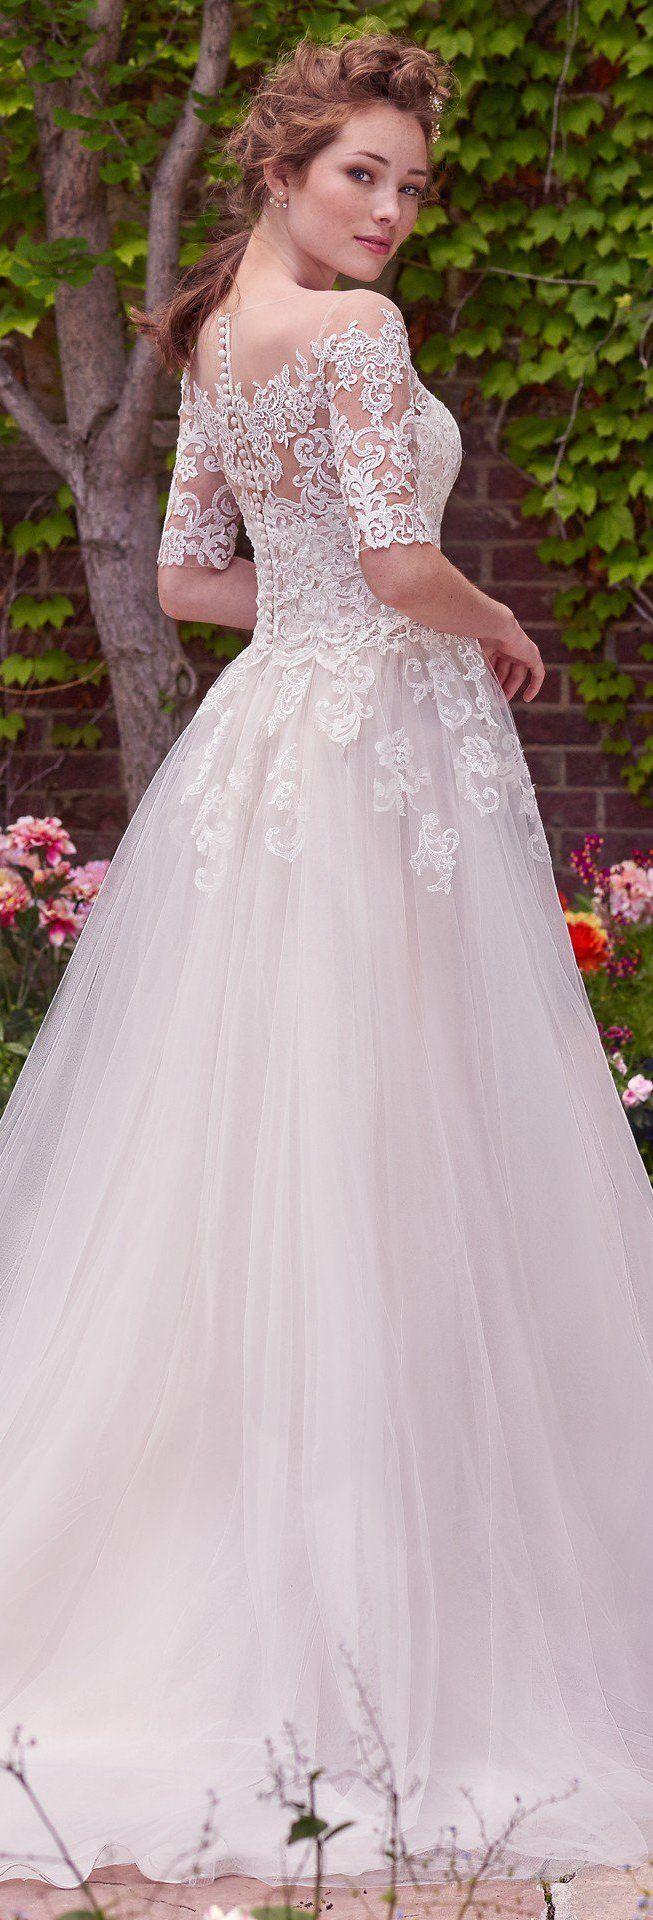 Maggie Sottero Wedding Dresses | De novia, Novios y Vestidos de novia